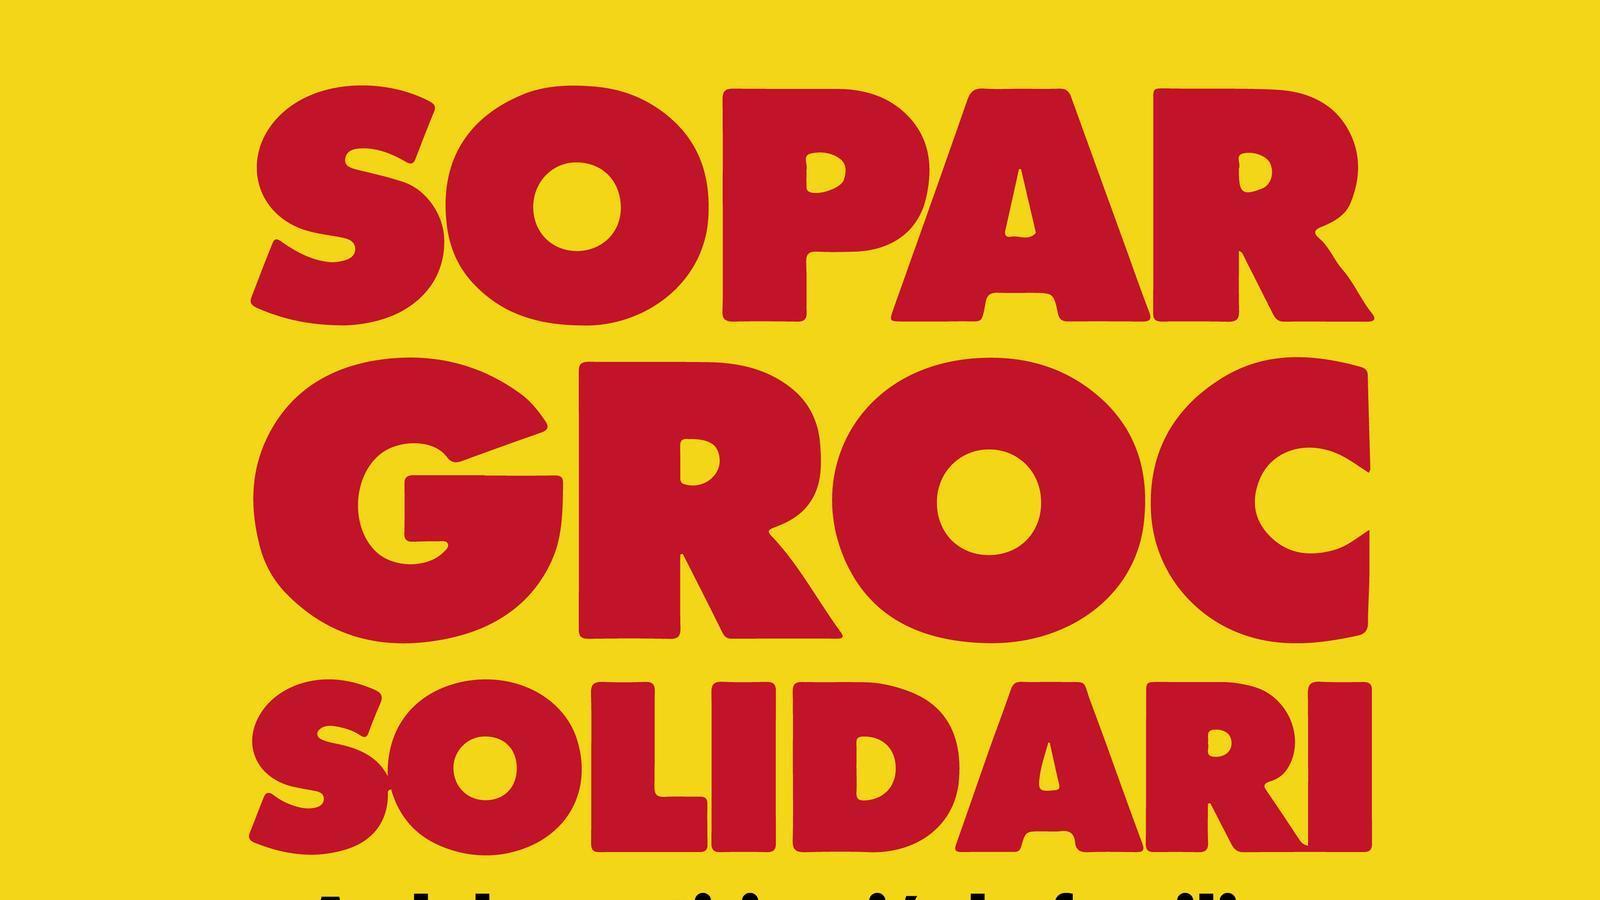 Dia 12 de maig, sopar groc solidari, amb la participació de familiars de presos i exiliats polítics